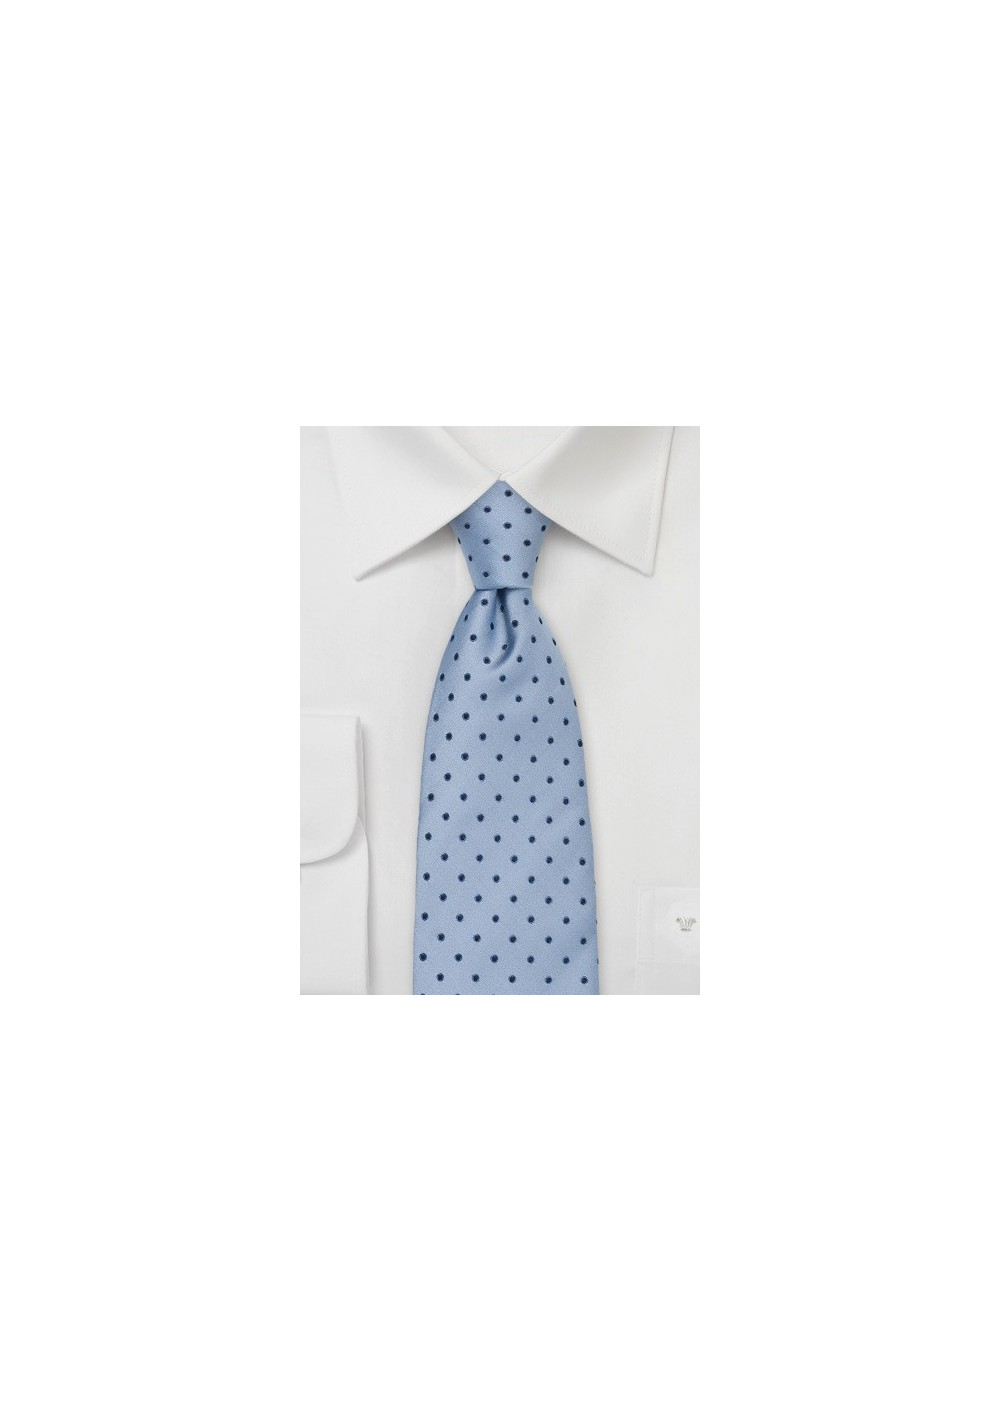 Light Blue Polka Dot Tie by Chevalier